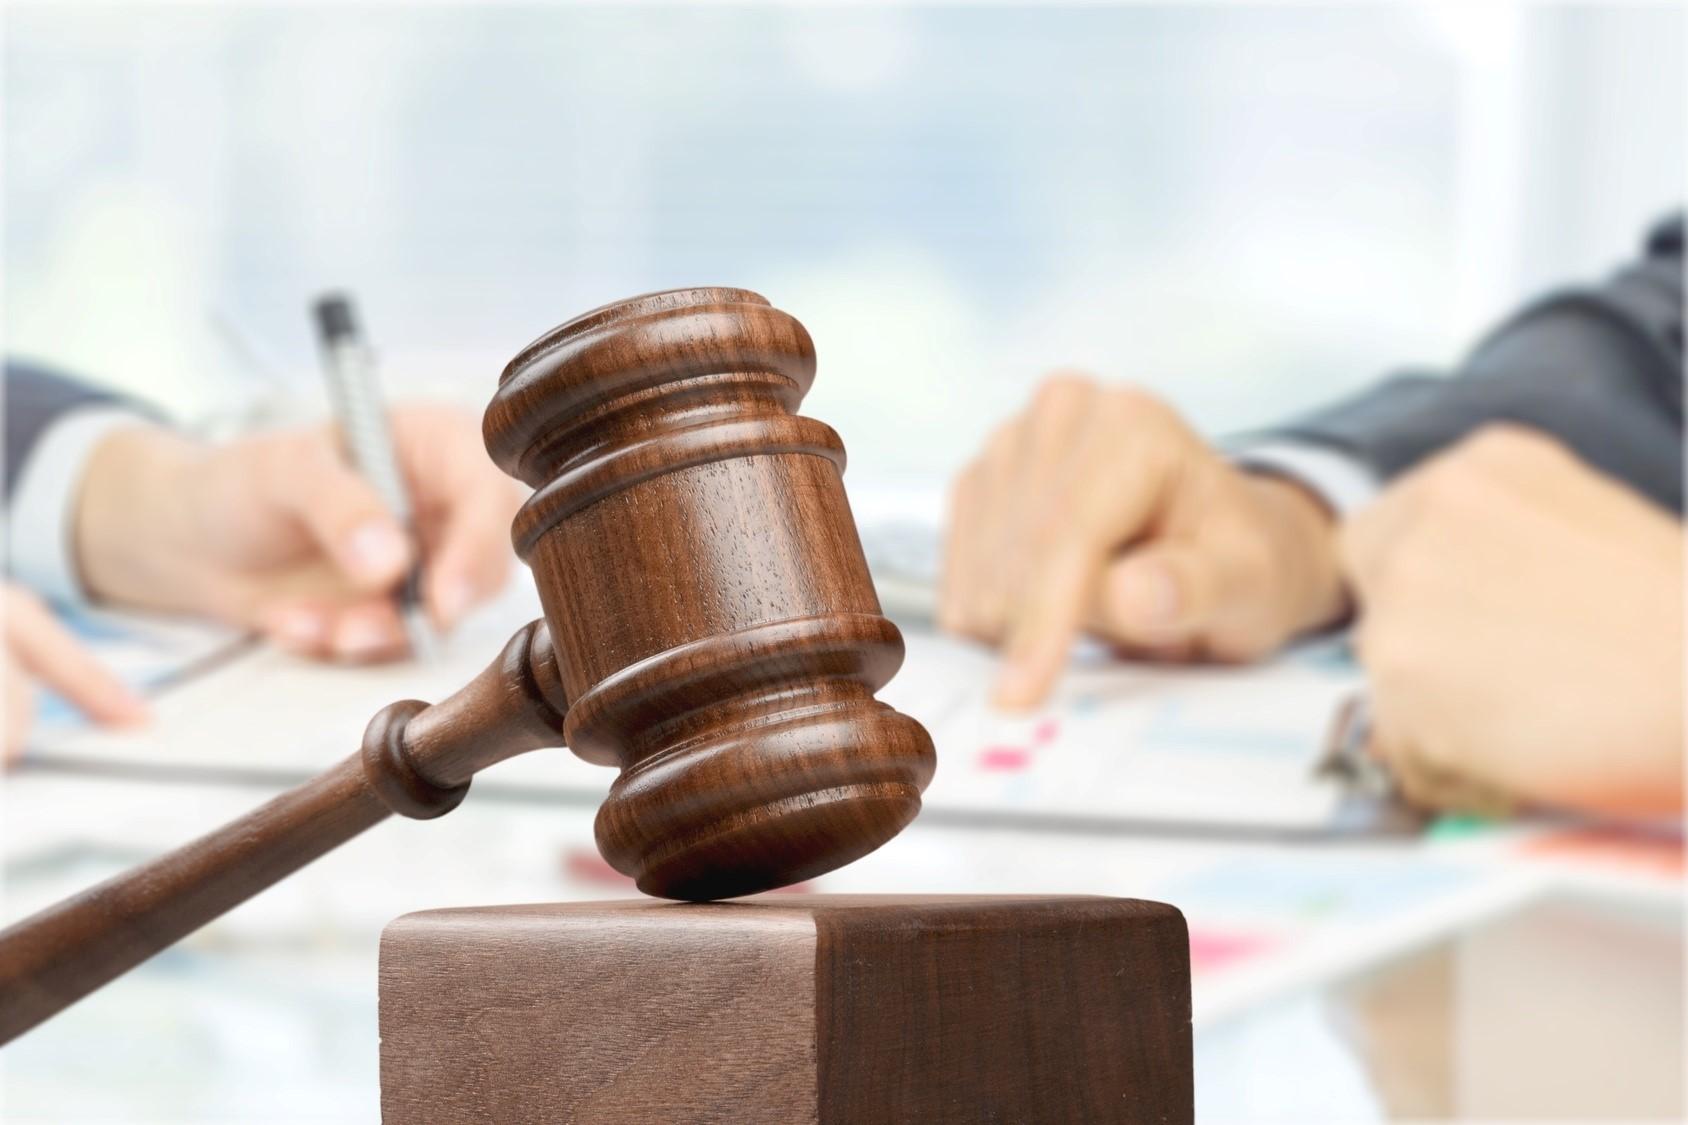 Webinaire juridique - Jurisprudence de l'année 2020 en droit du travail